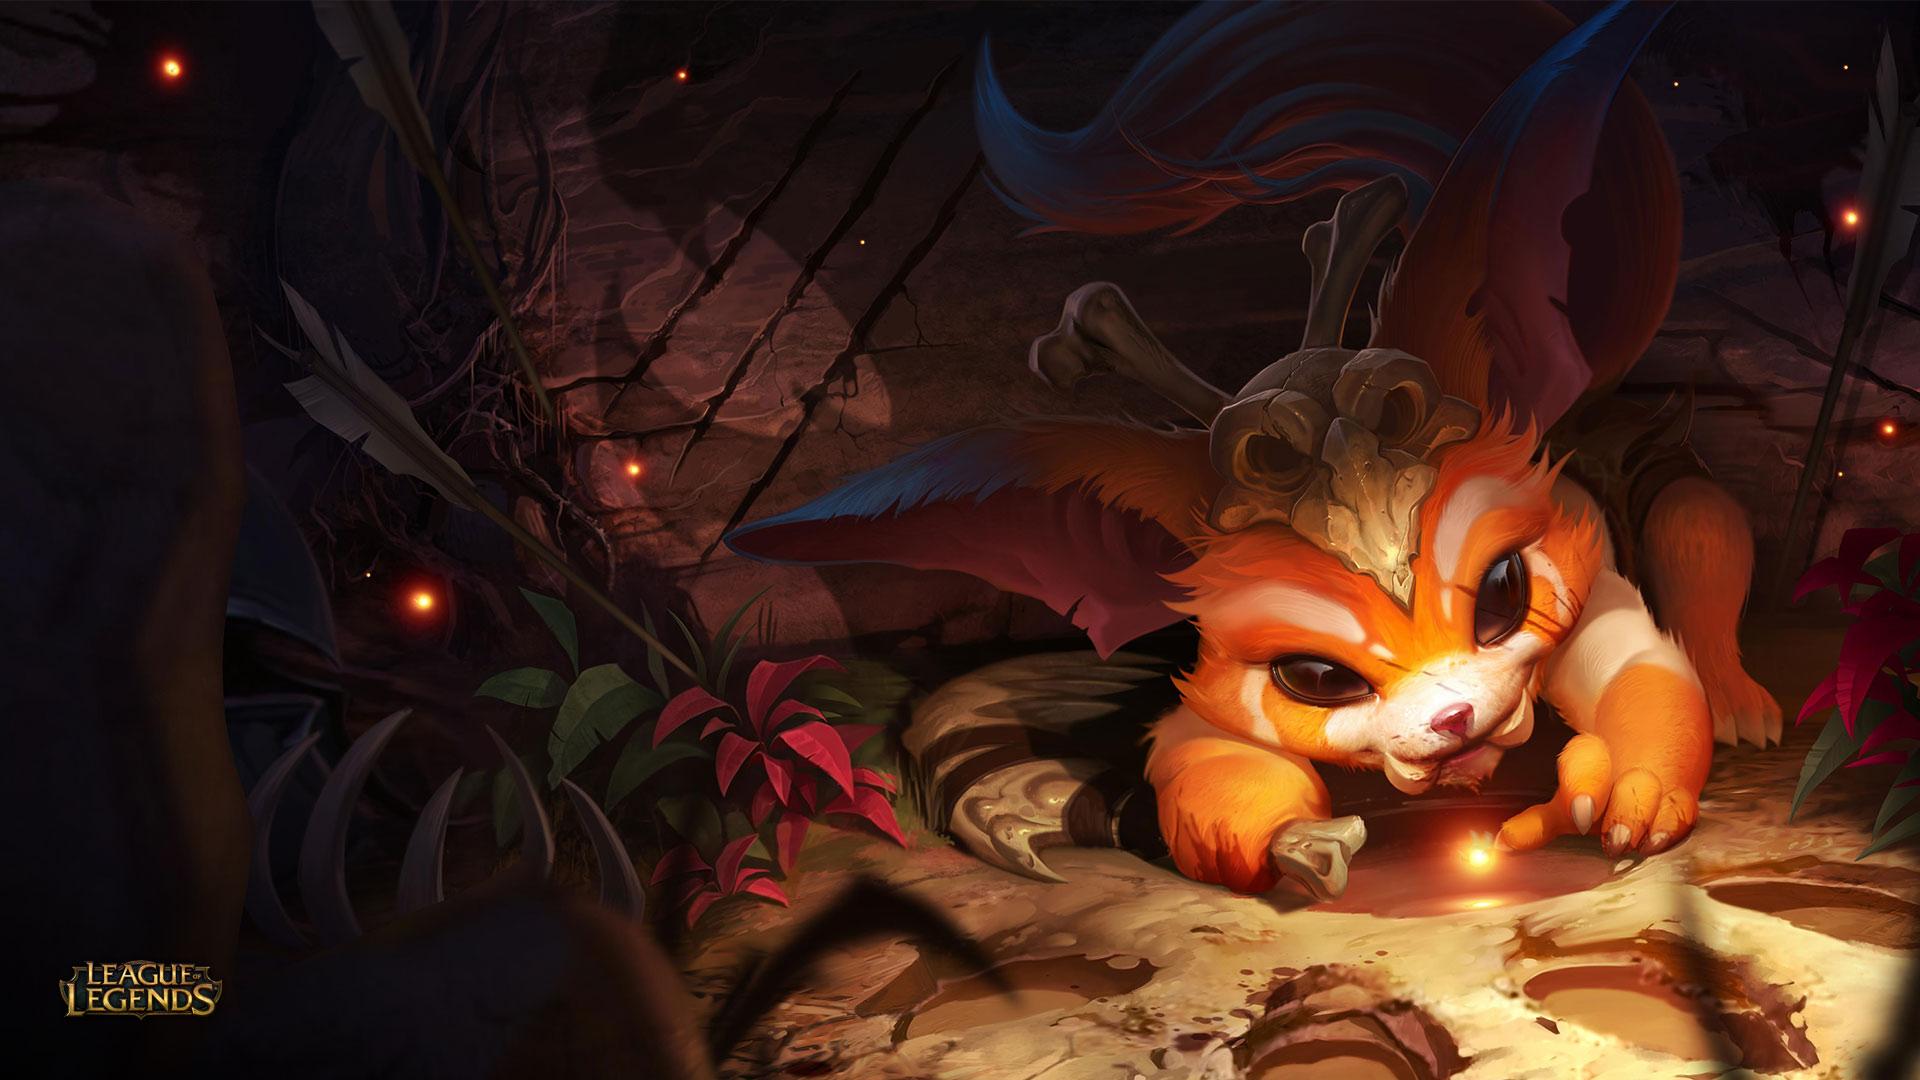 Video Game League Of Legends Gnar Wallpaper | Gamer | Pinterest ...